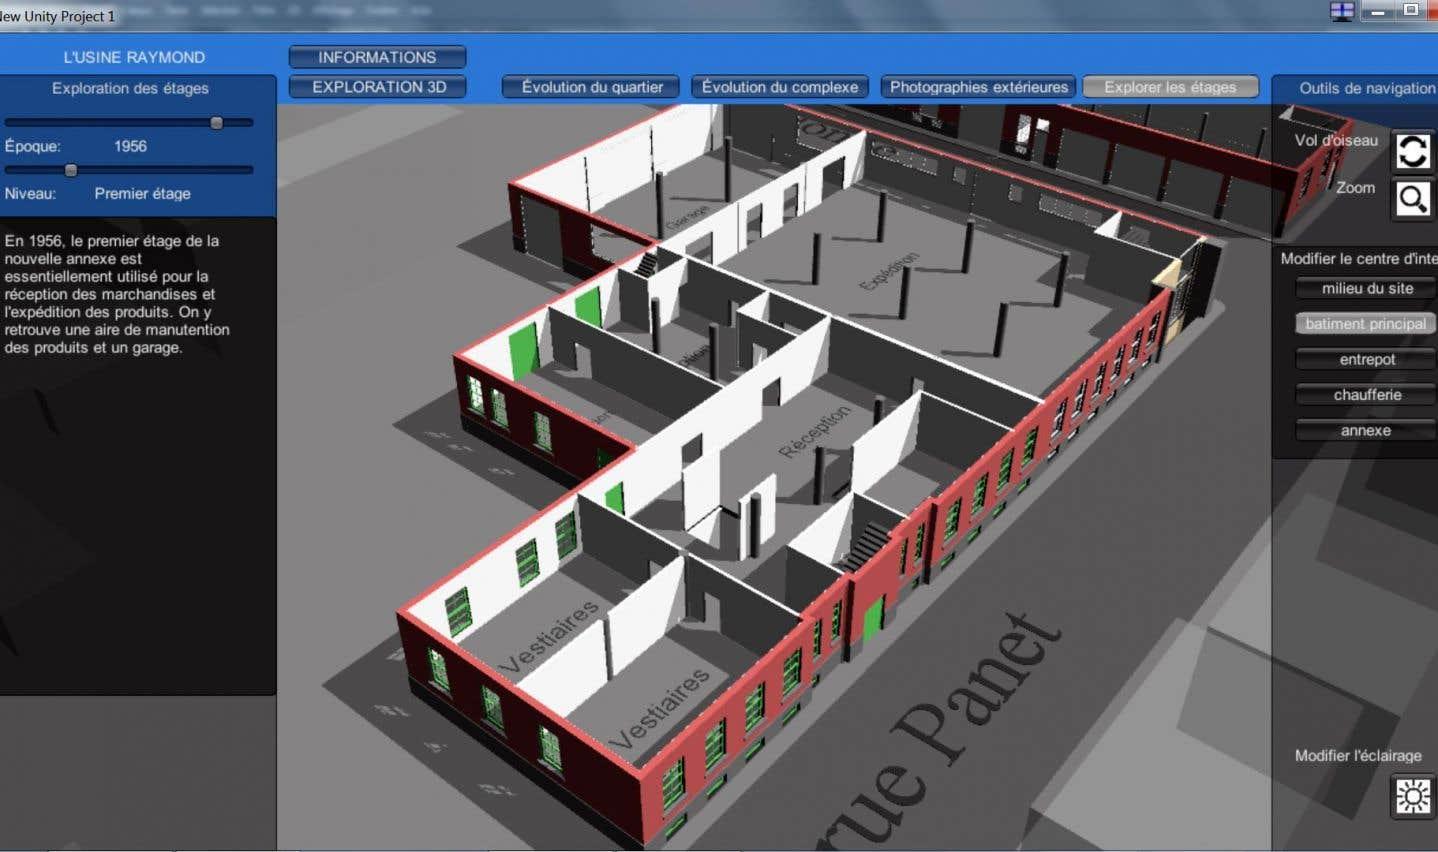 L'environnement 4D proposé par l'Écomusée du fier monde pour modéliser l'usine sise sur la rue Panet se veut novateur.